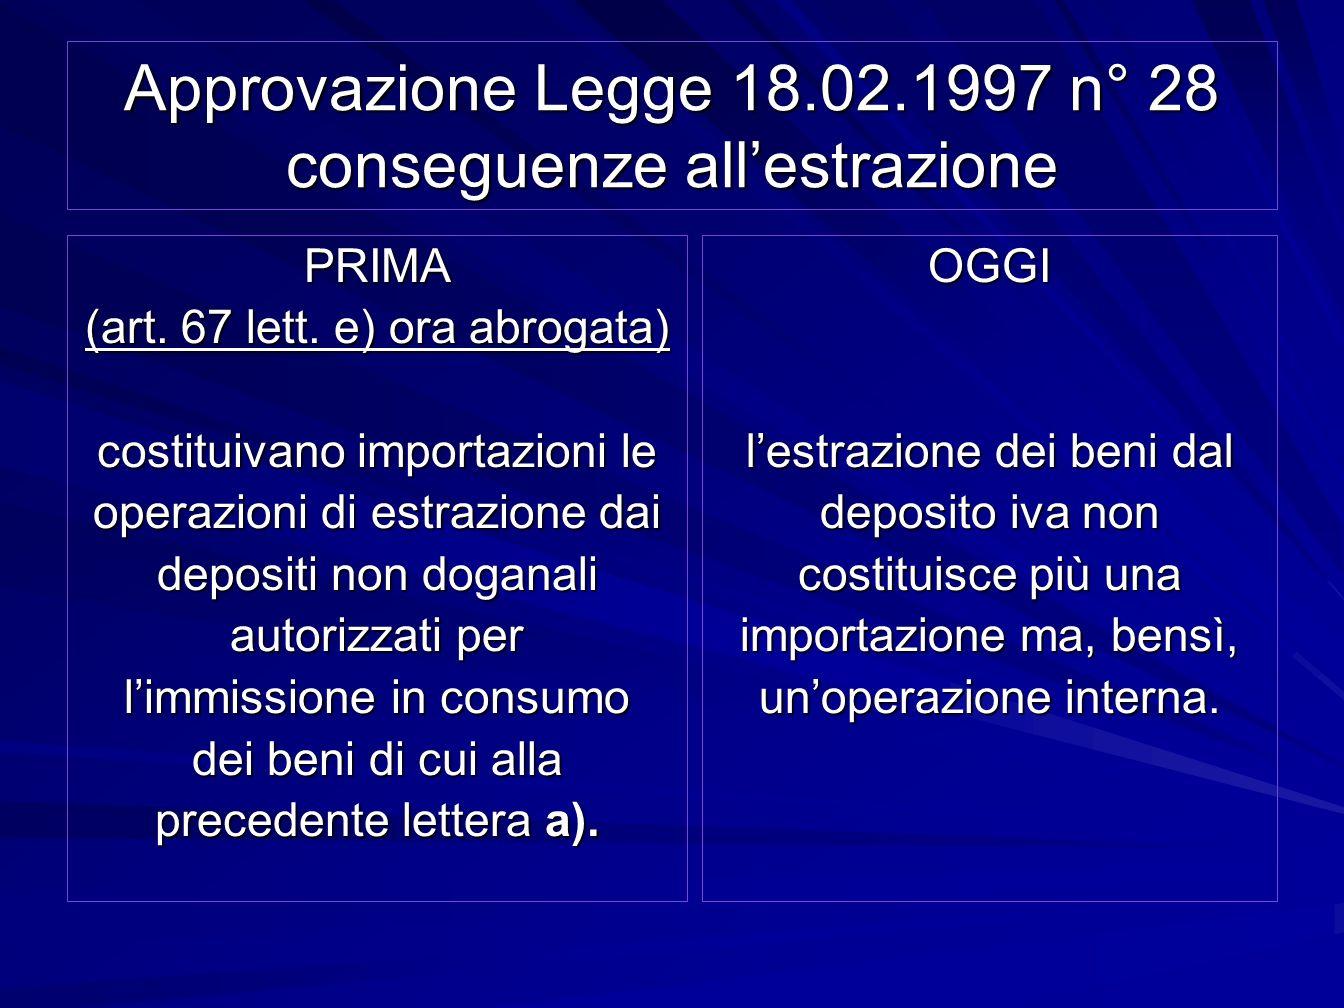 Approvazione Legge 18.02.1997 n° 28 conseguenze all'estrazione